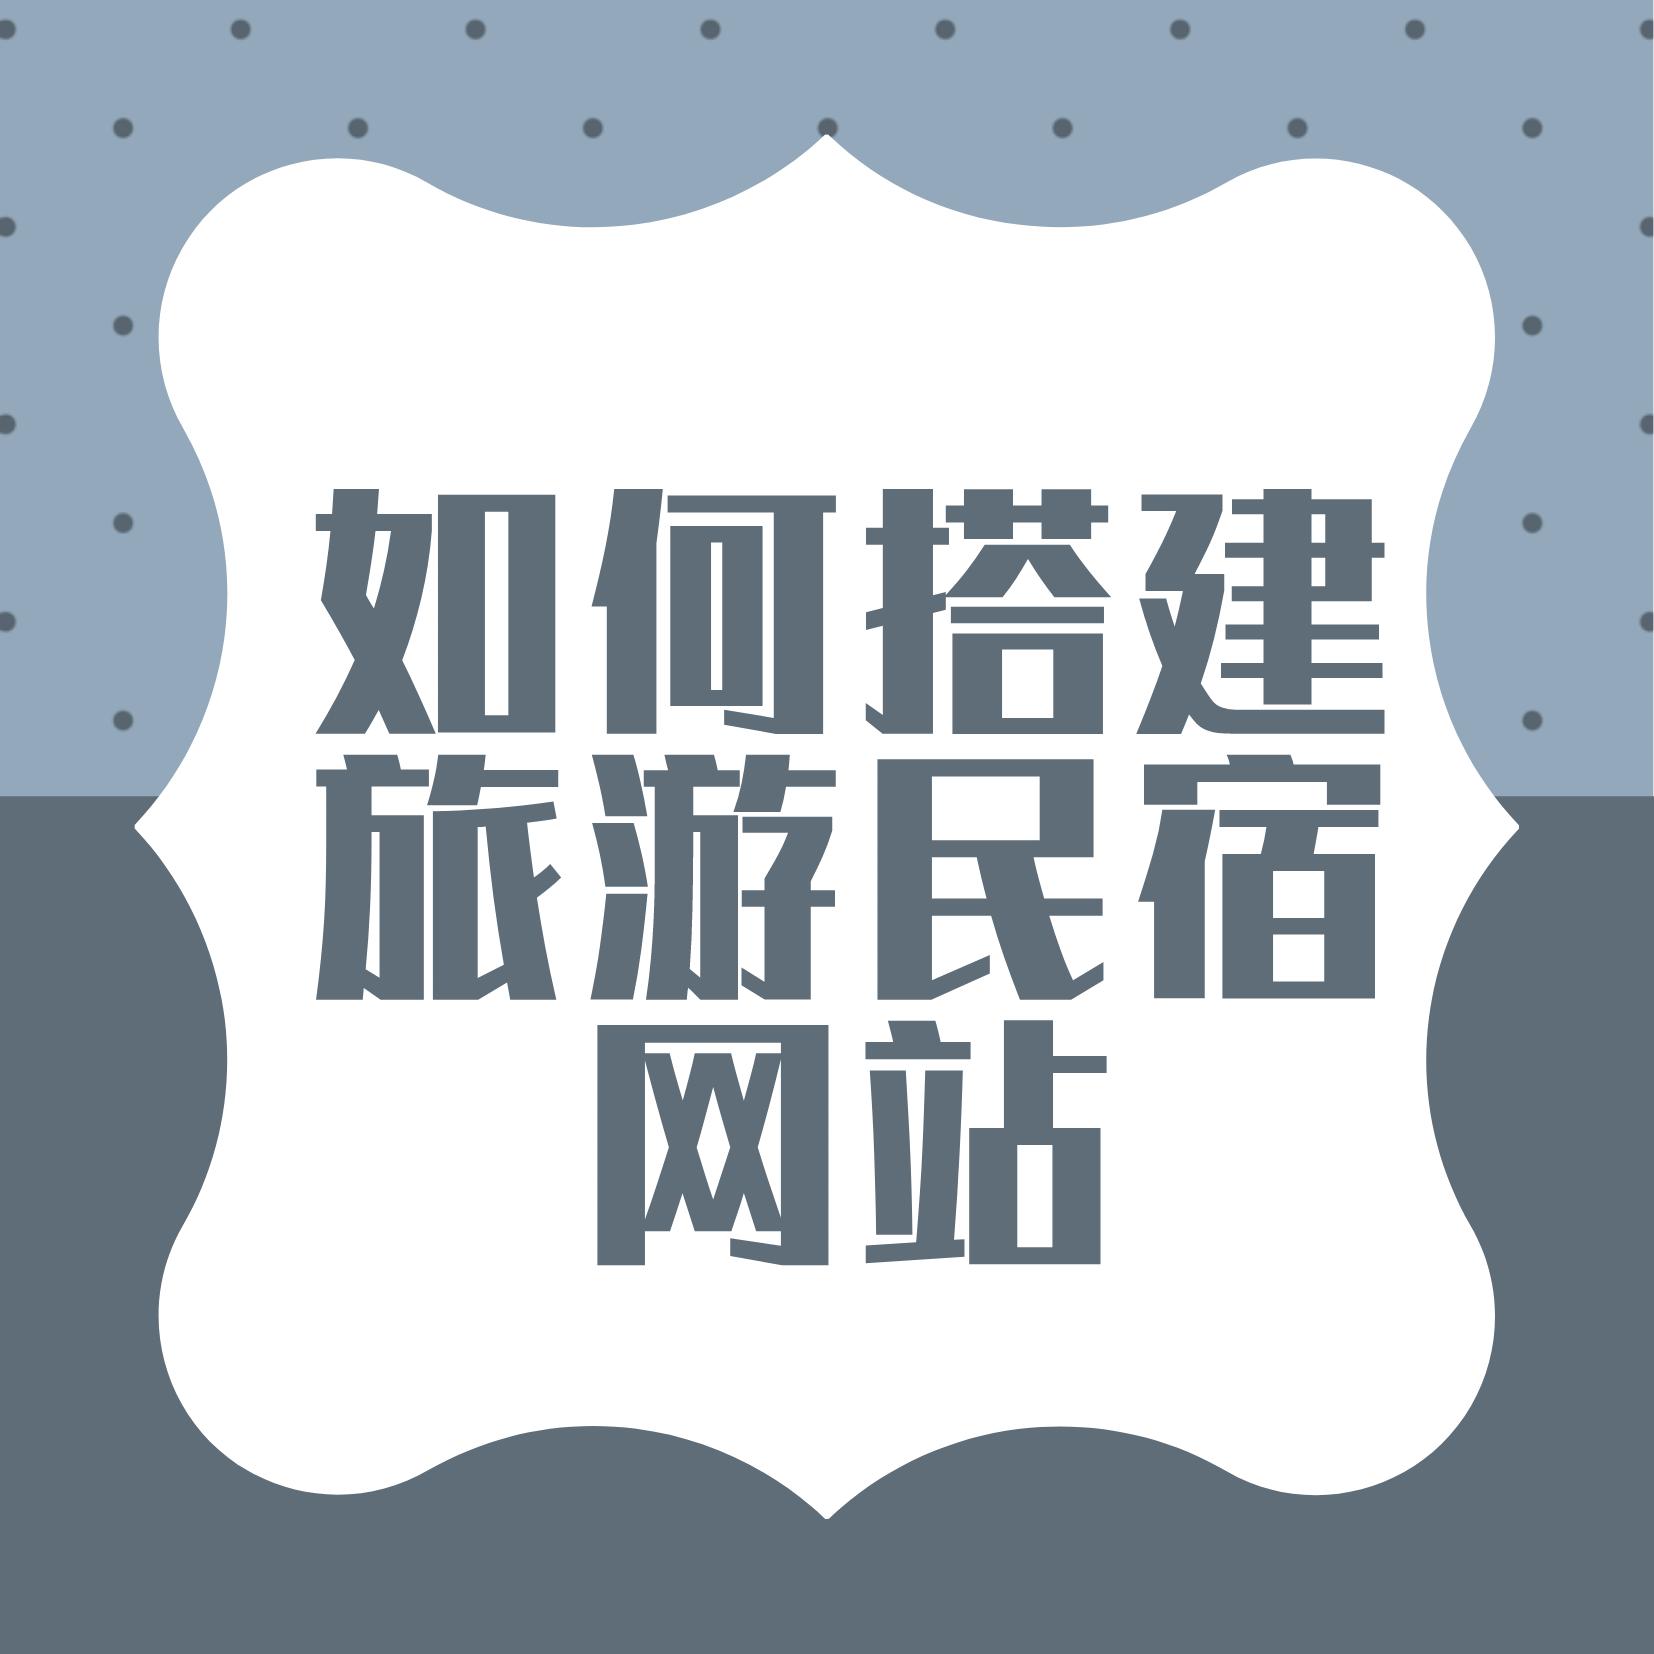 bnb website